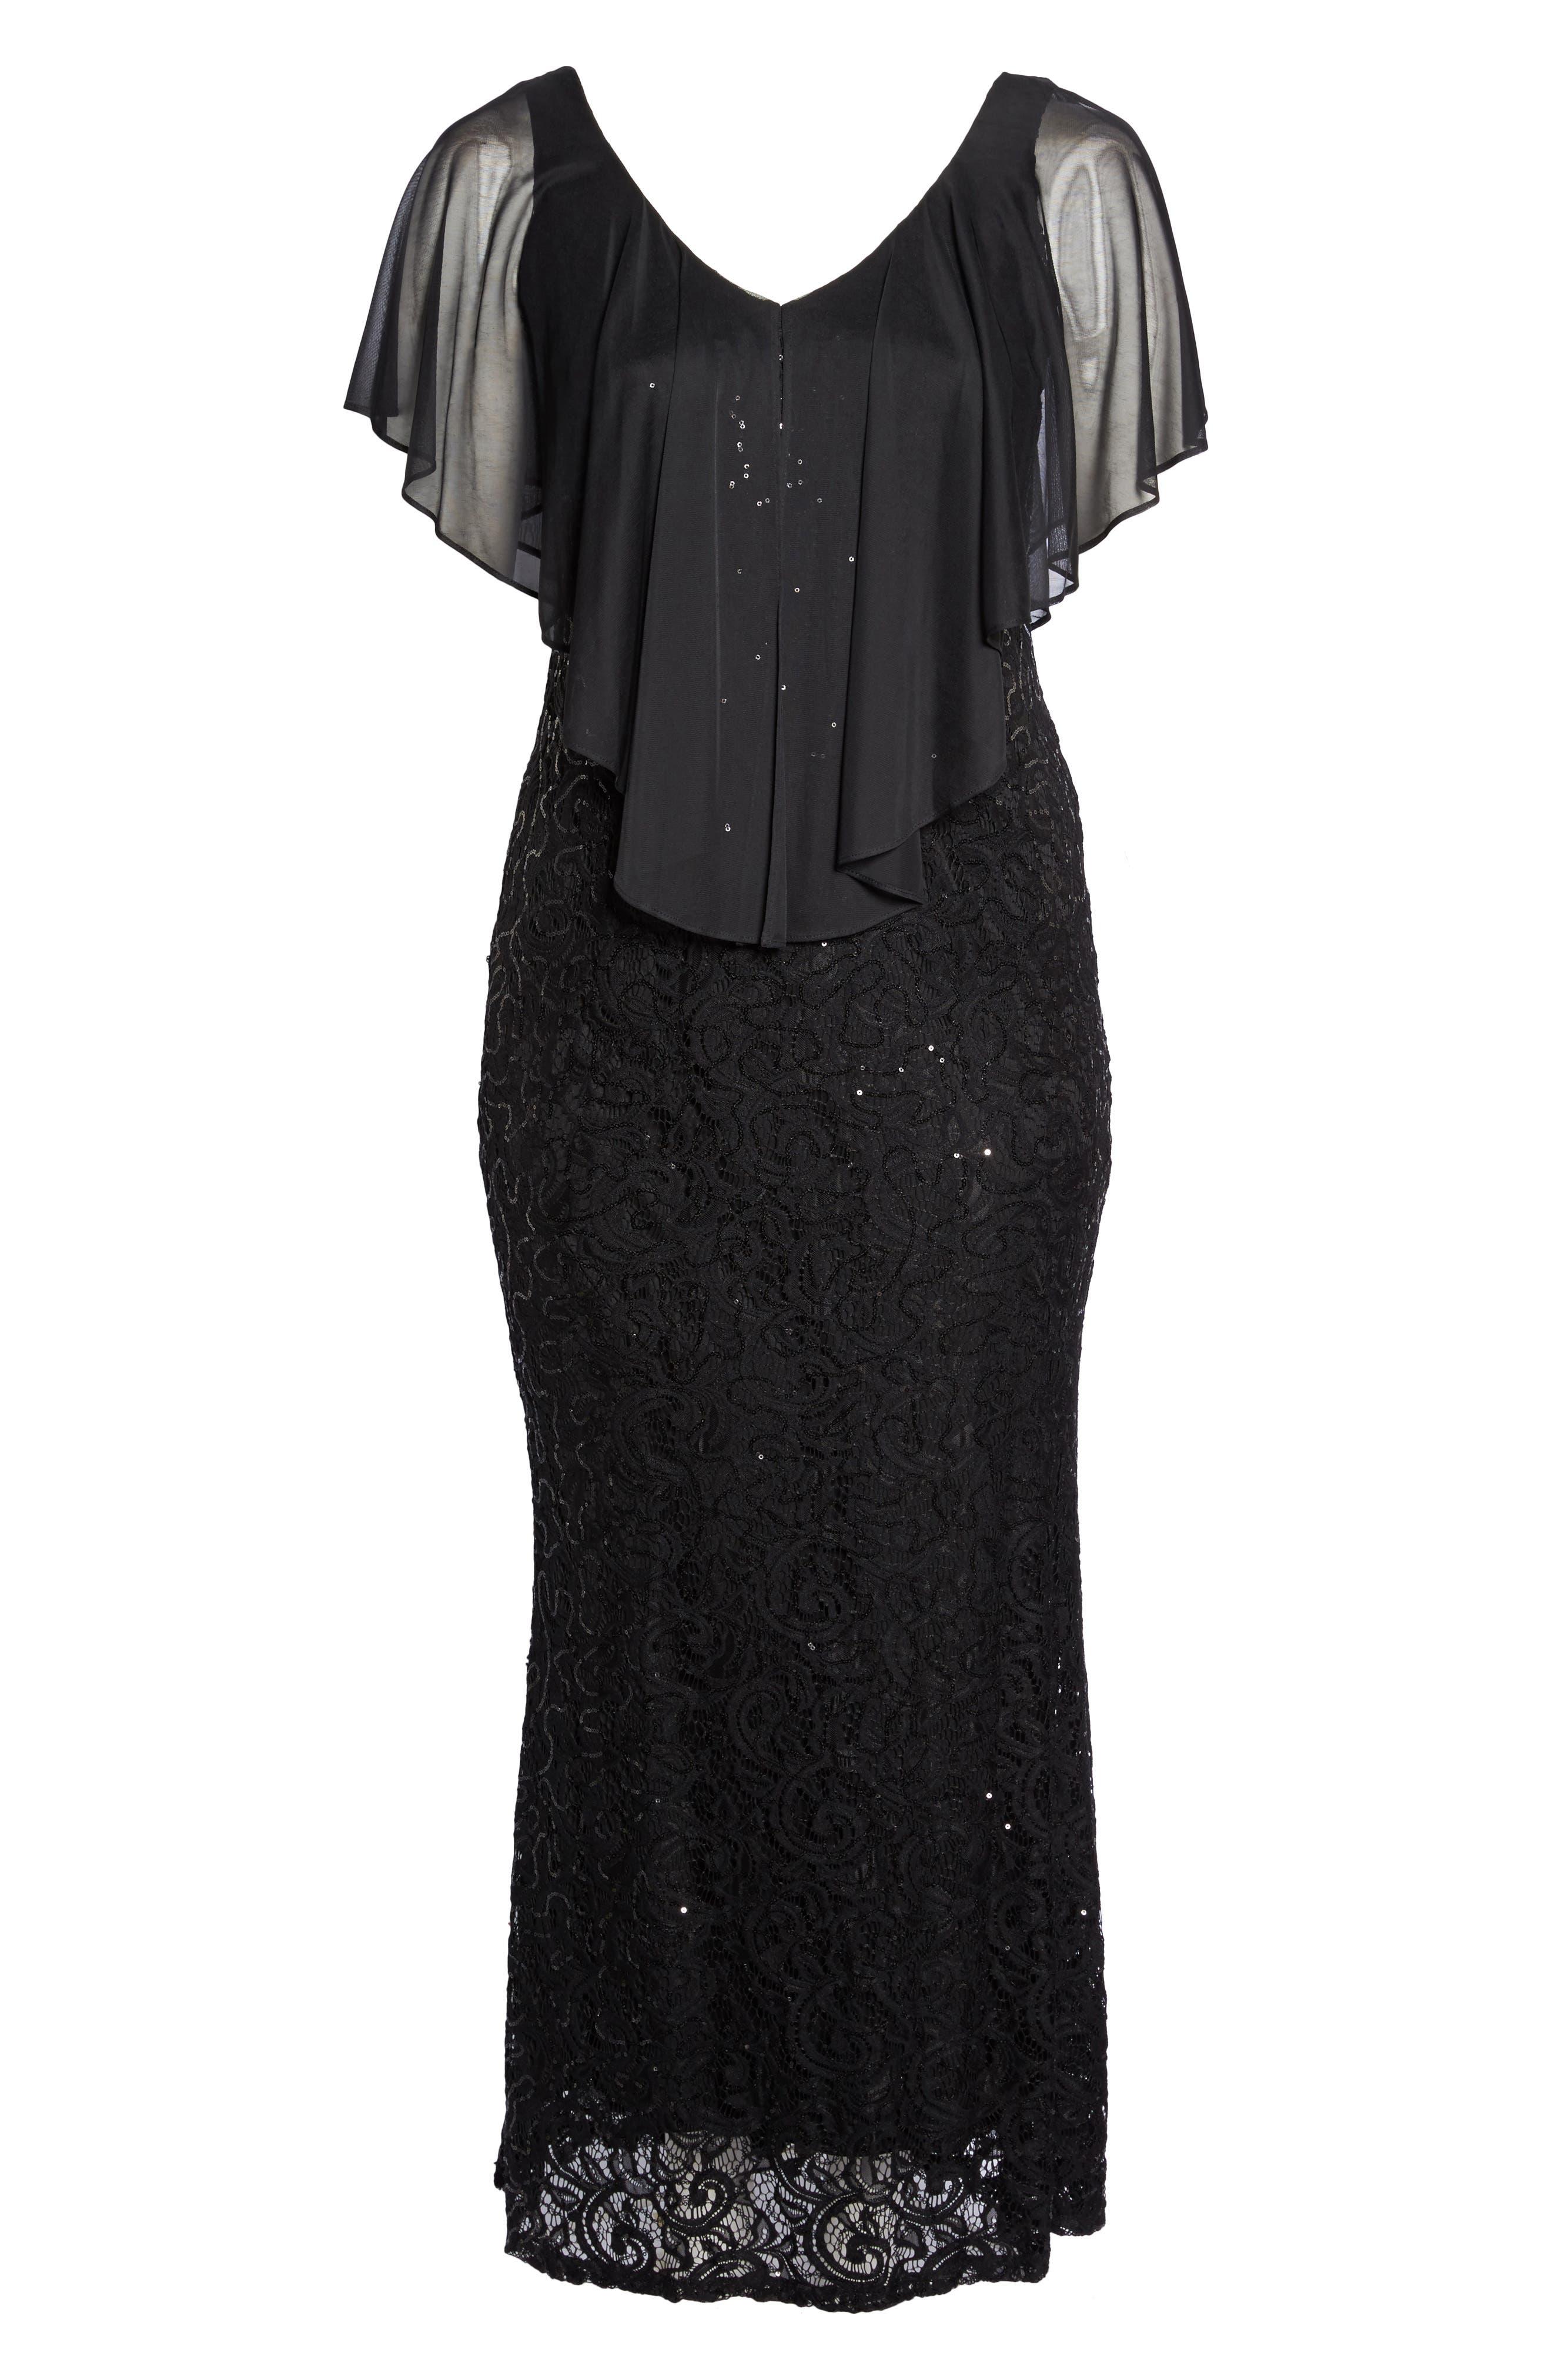 Capelet Sequin Lace A-Line Gown,                             Alternate thumbnail 6, color,                             Black